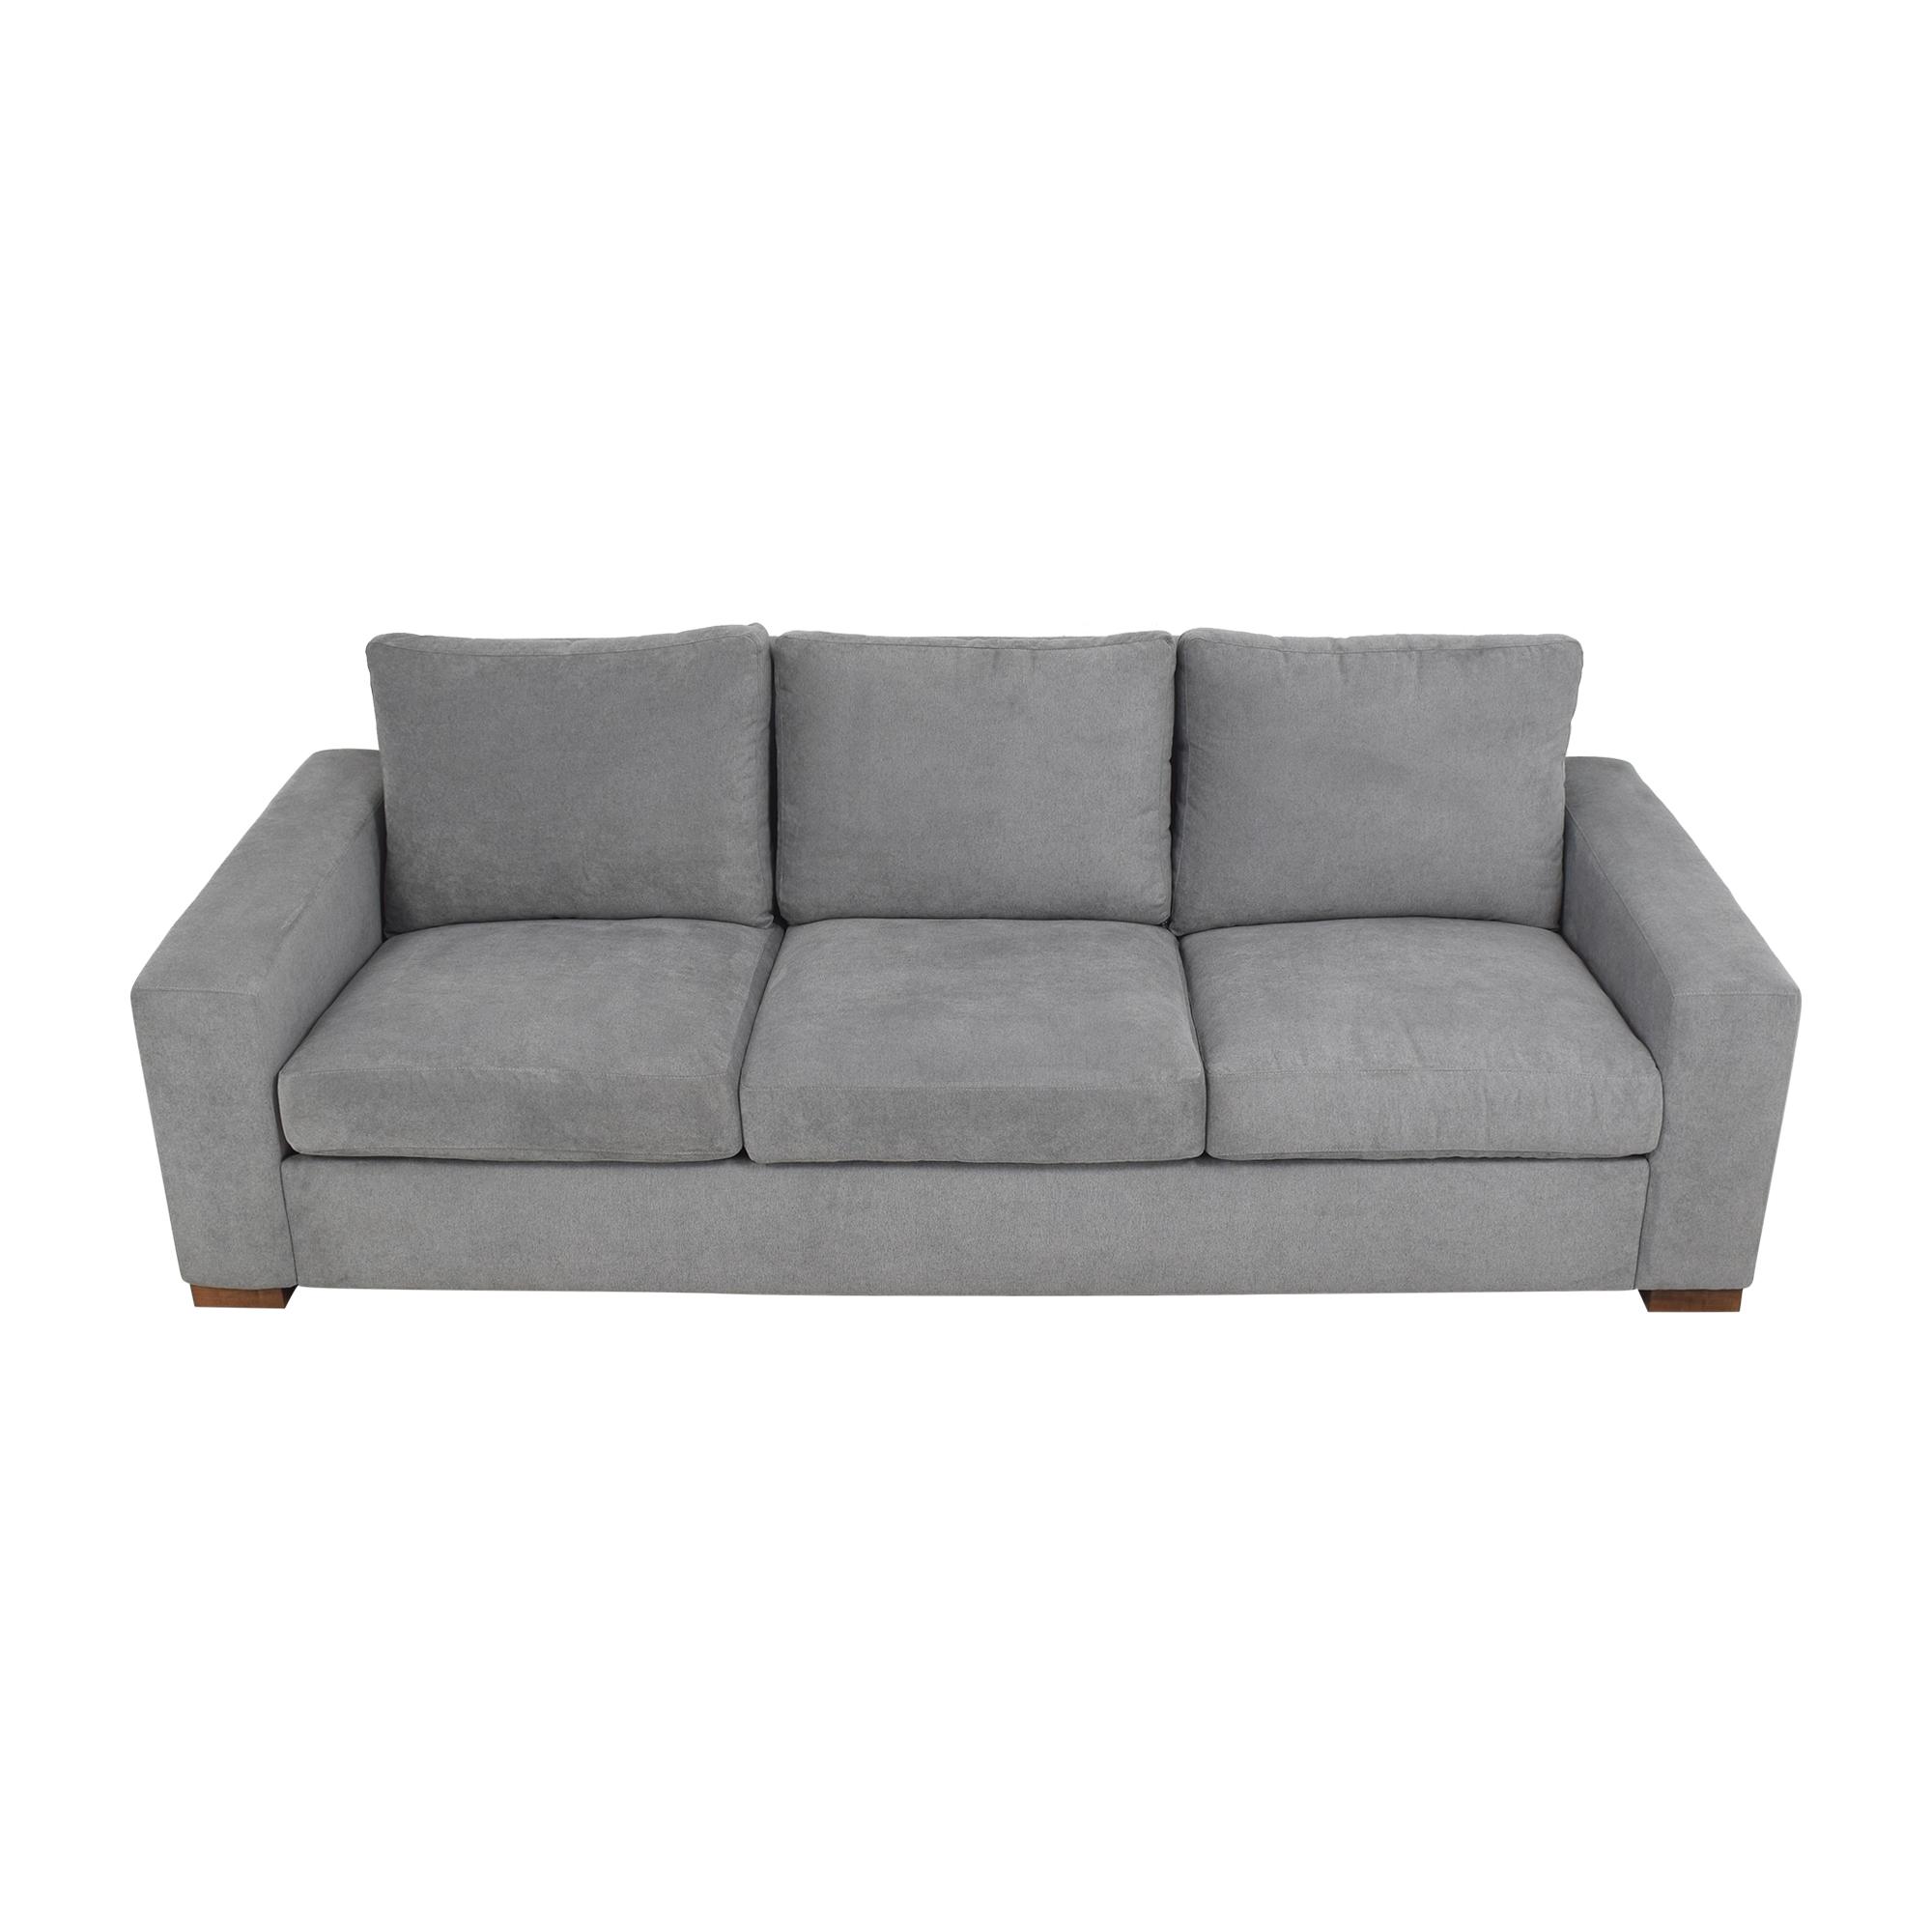 BenchMade Modern Couch Potato Sofa / Sofas